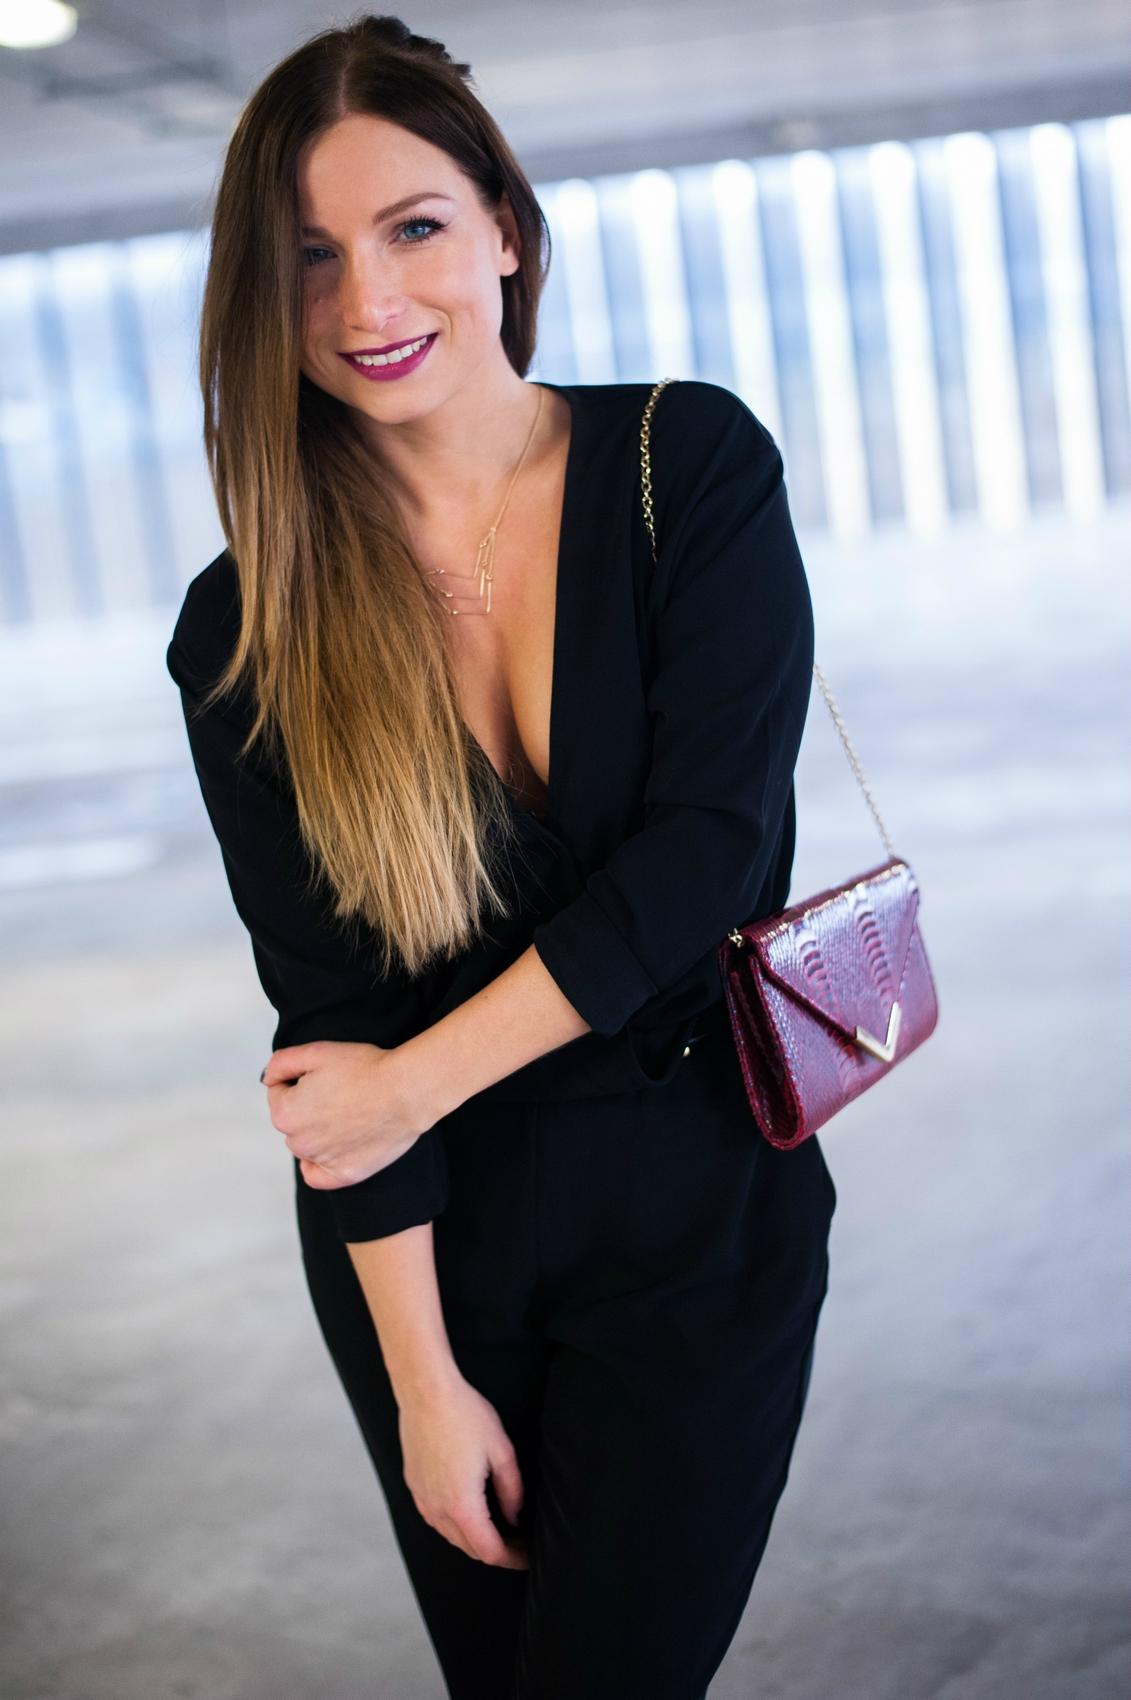 combinaison pantalon noir h&m fluide decolleté v croisé collier fantaisie or mango blog mode